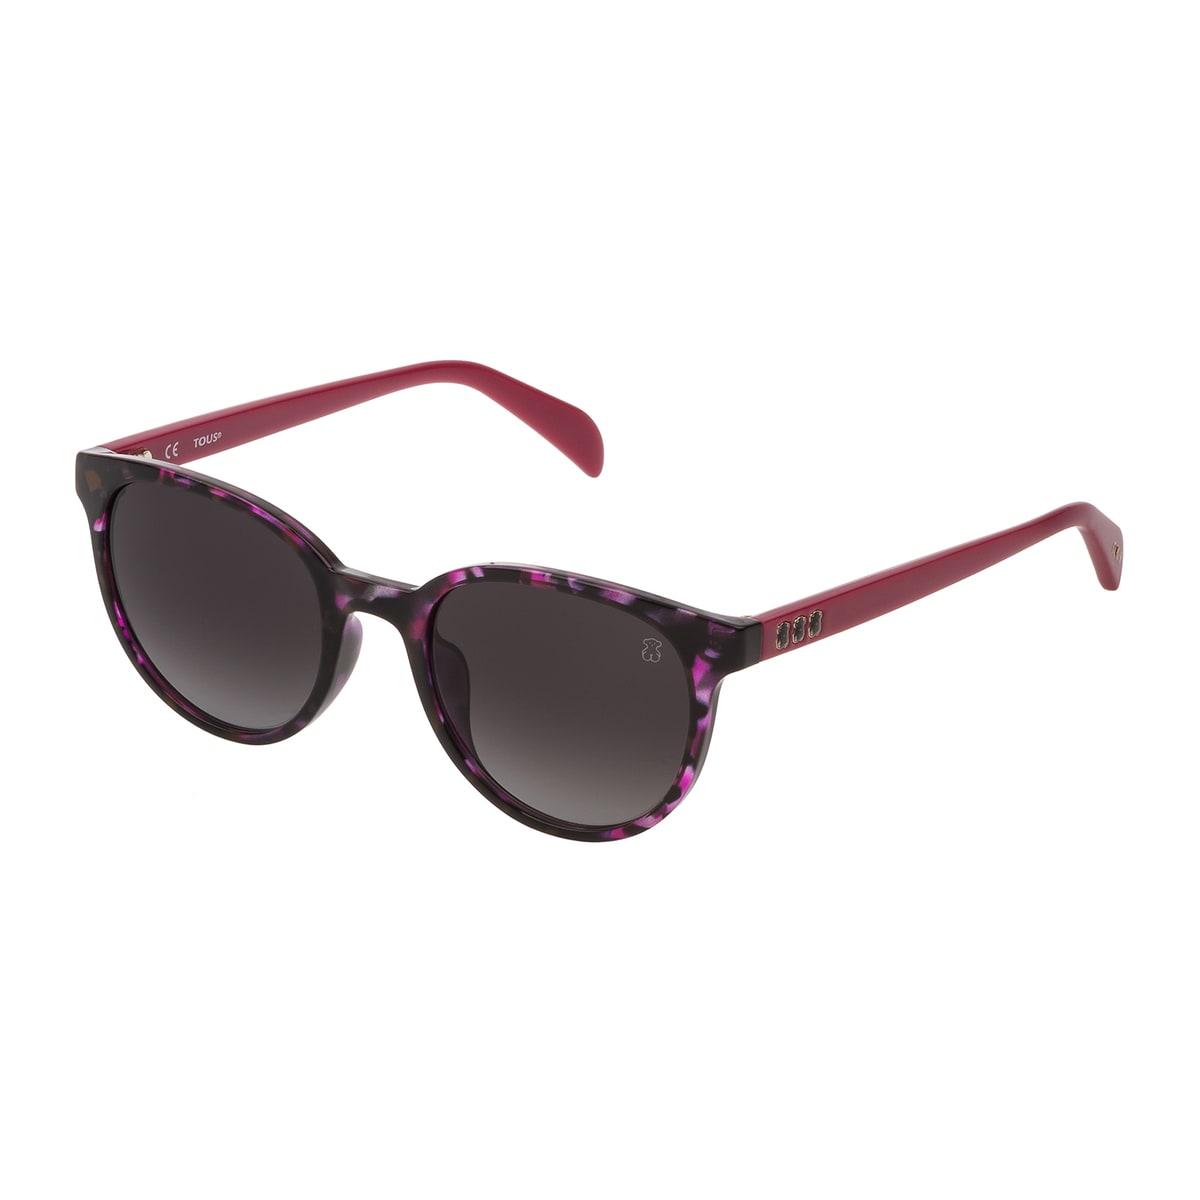 Gafas de sol Glory de acetato en color violeta